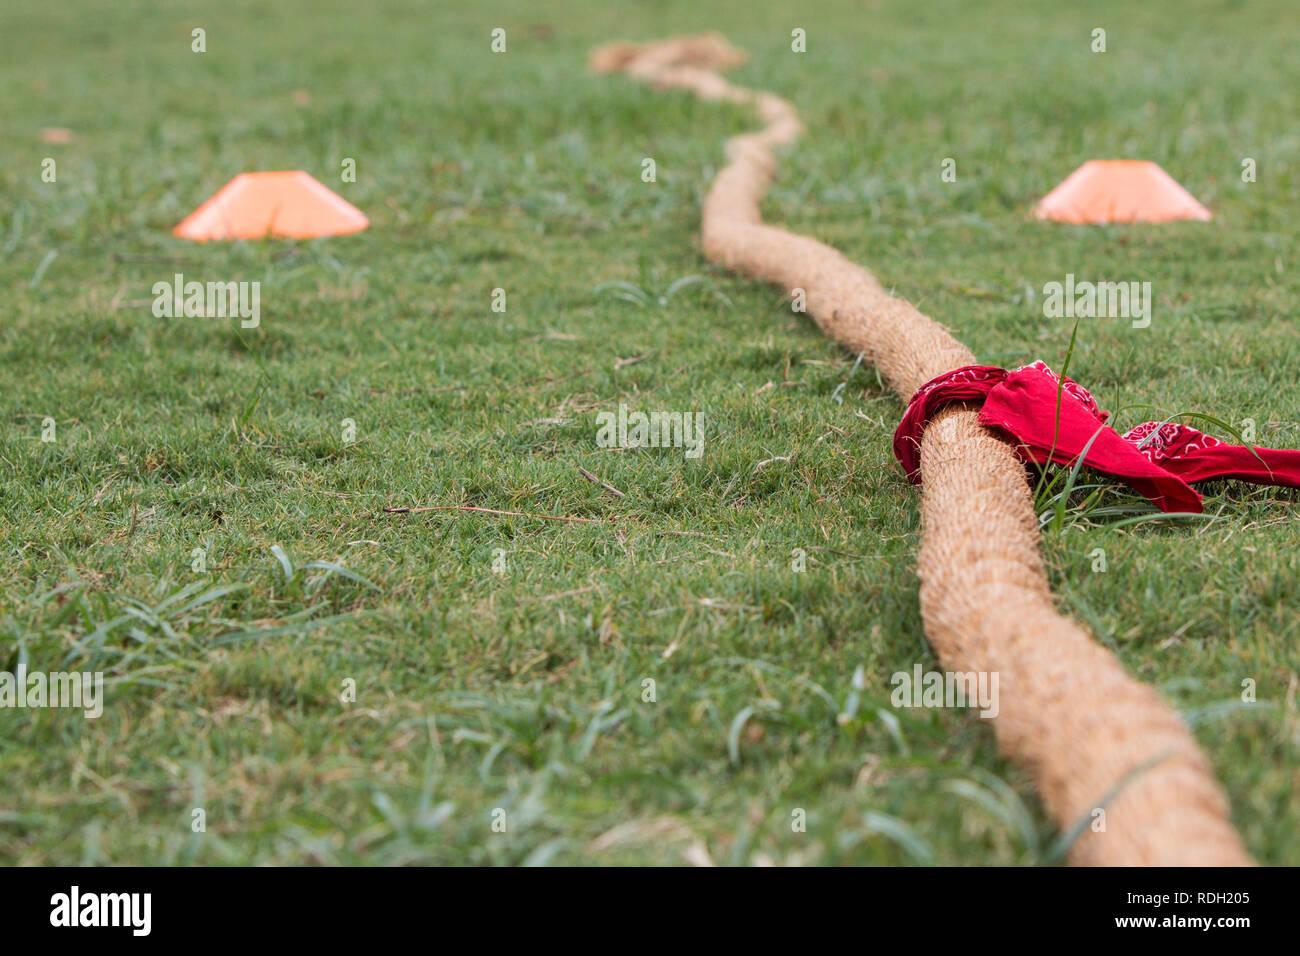 Corda spessa con red bandana attaccato giace sull'erba prima dell inizio del rimorchiatore di concorso di guerra Immagini Stock